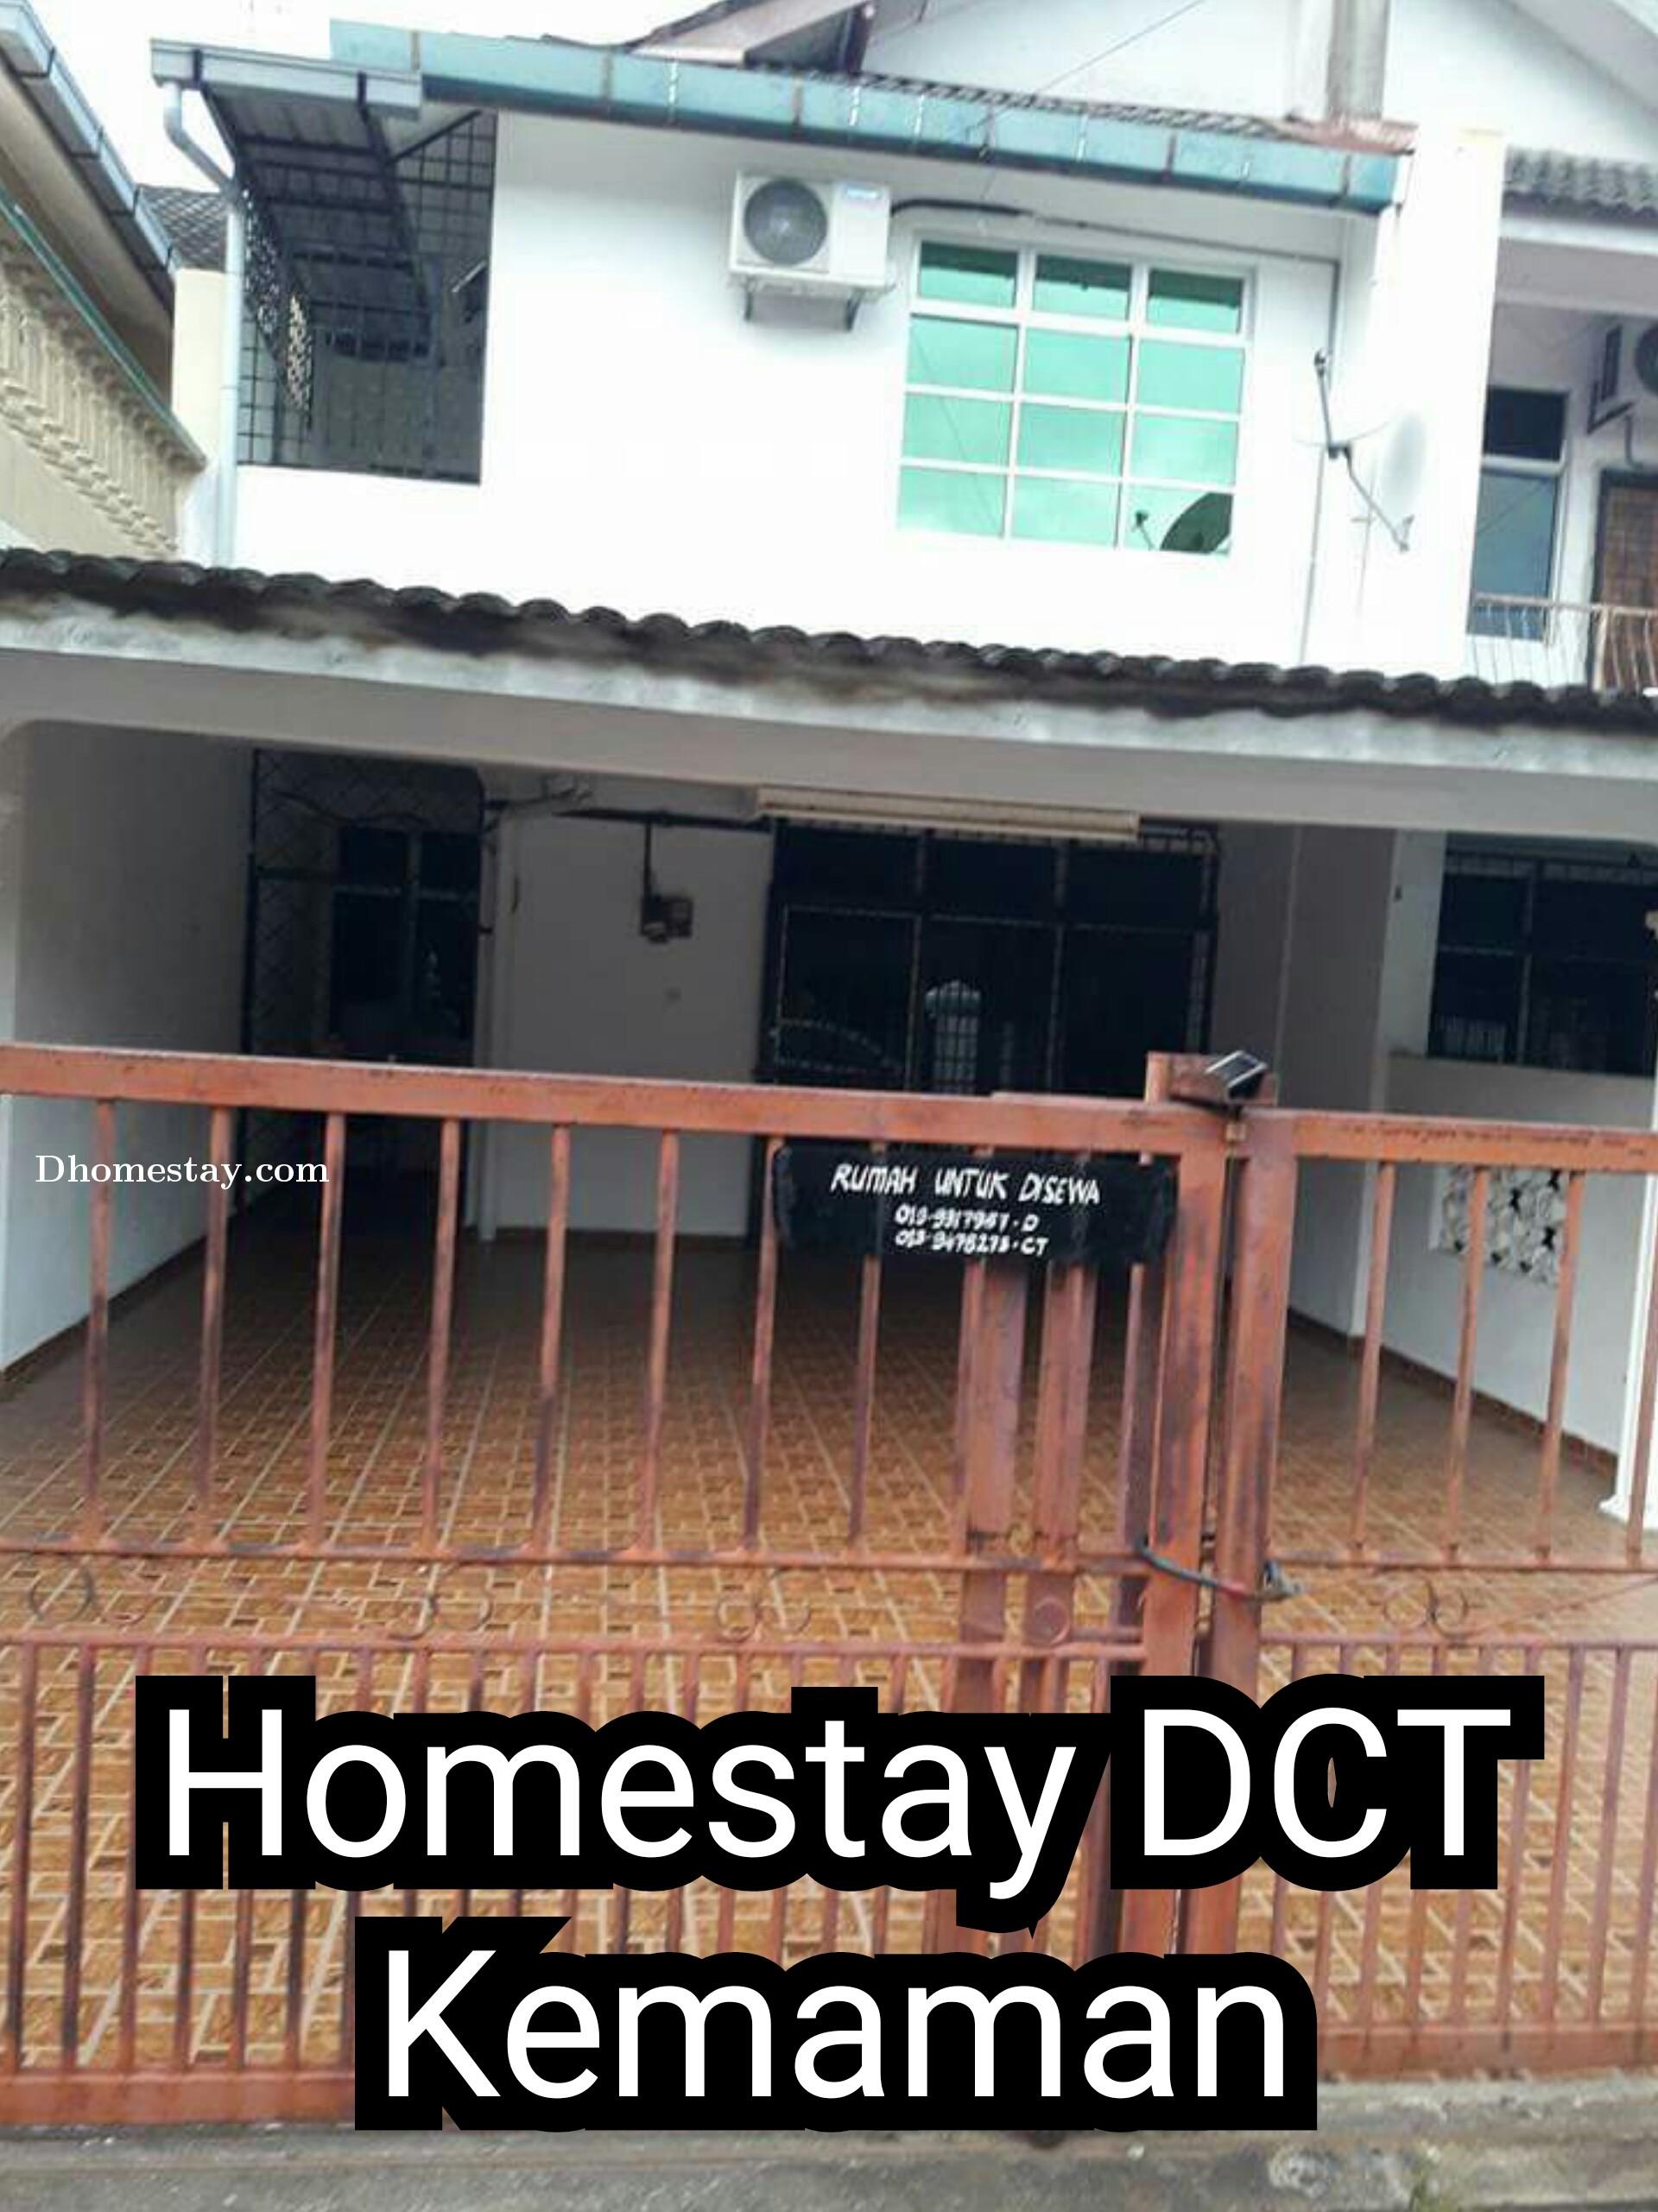 Homestay DCT Kemaman